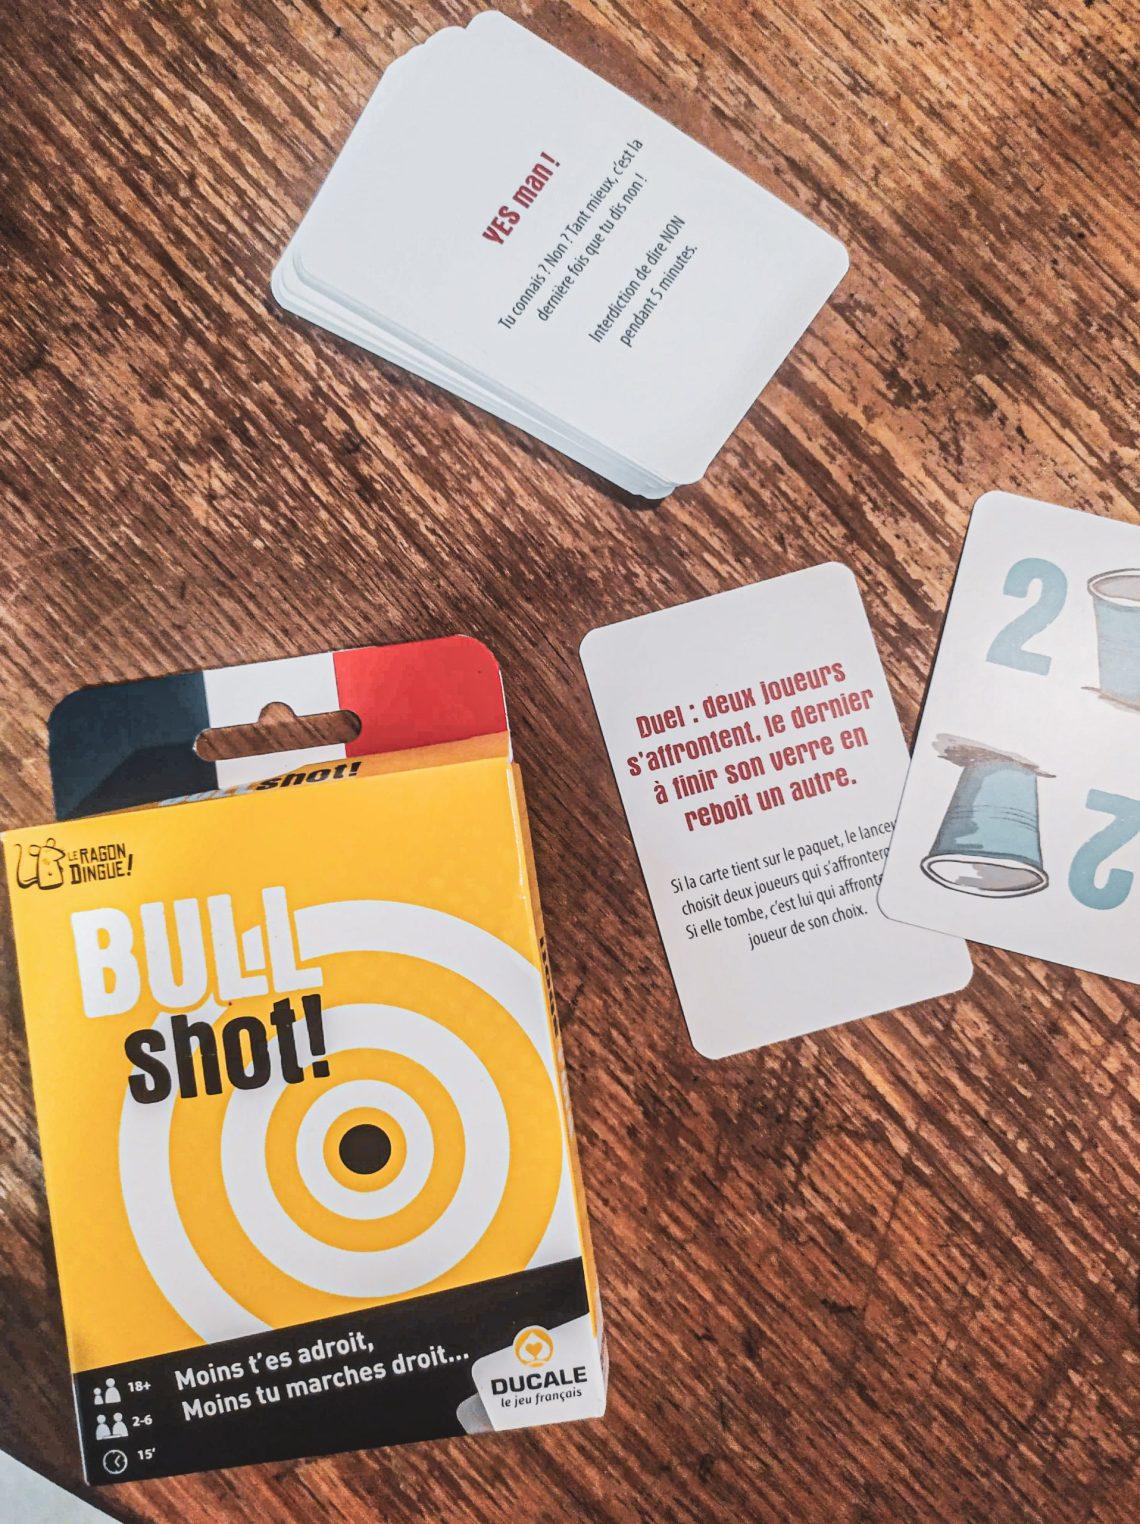 Le jeu Bull Shot de Ducale, est-ce un bon jeu d'ambiance ?